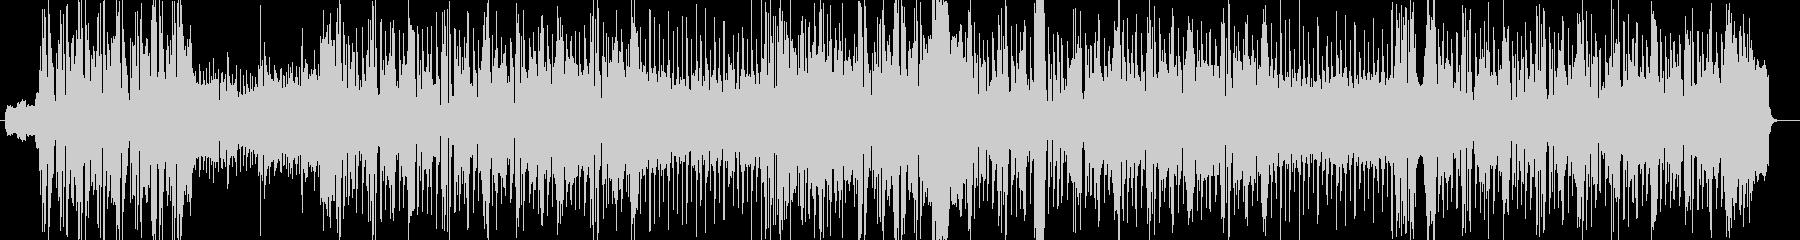 勢いのあるシンセ・ギターなどのサウンドの未再生の波形